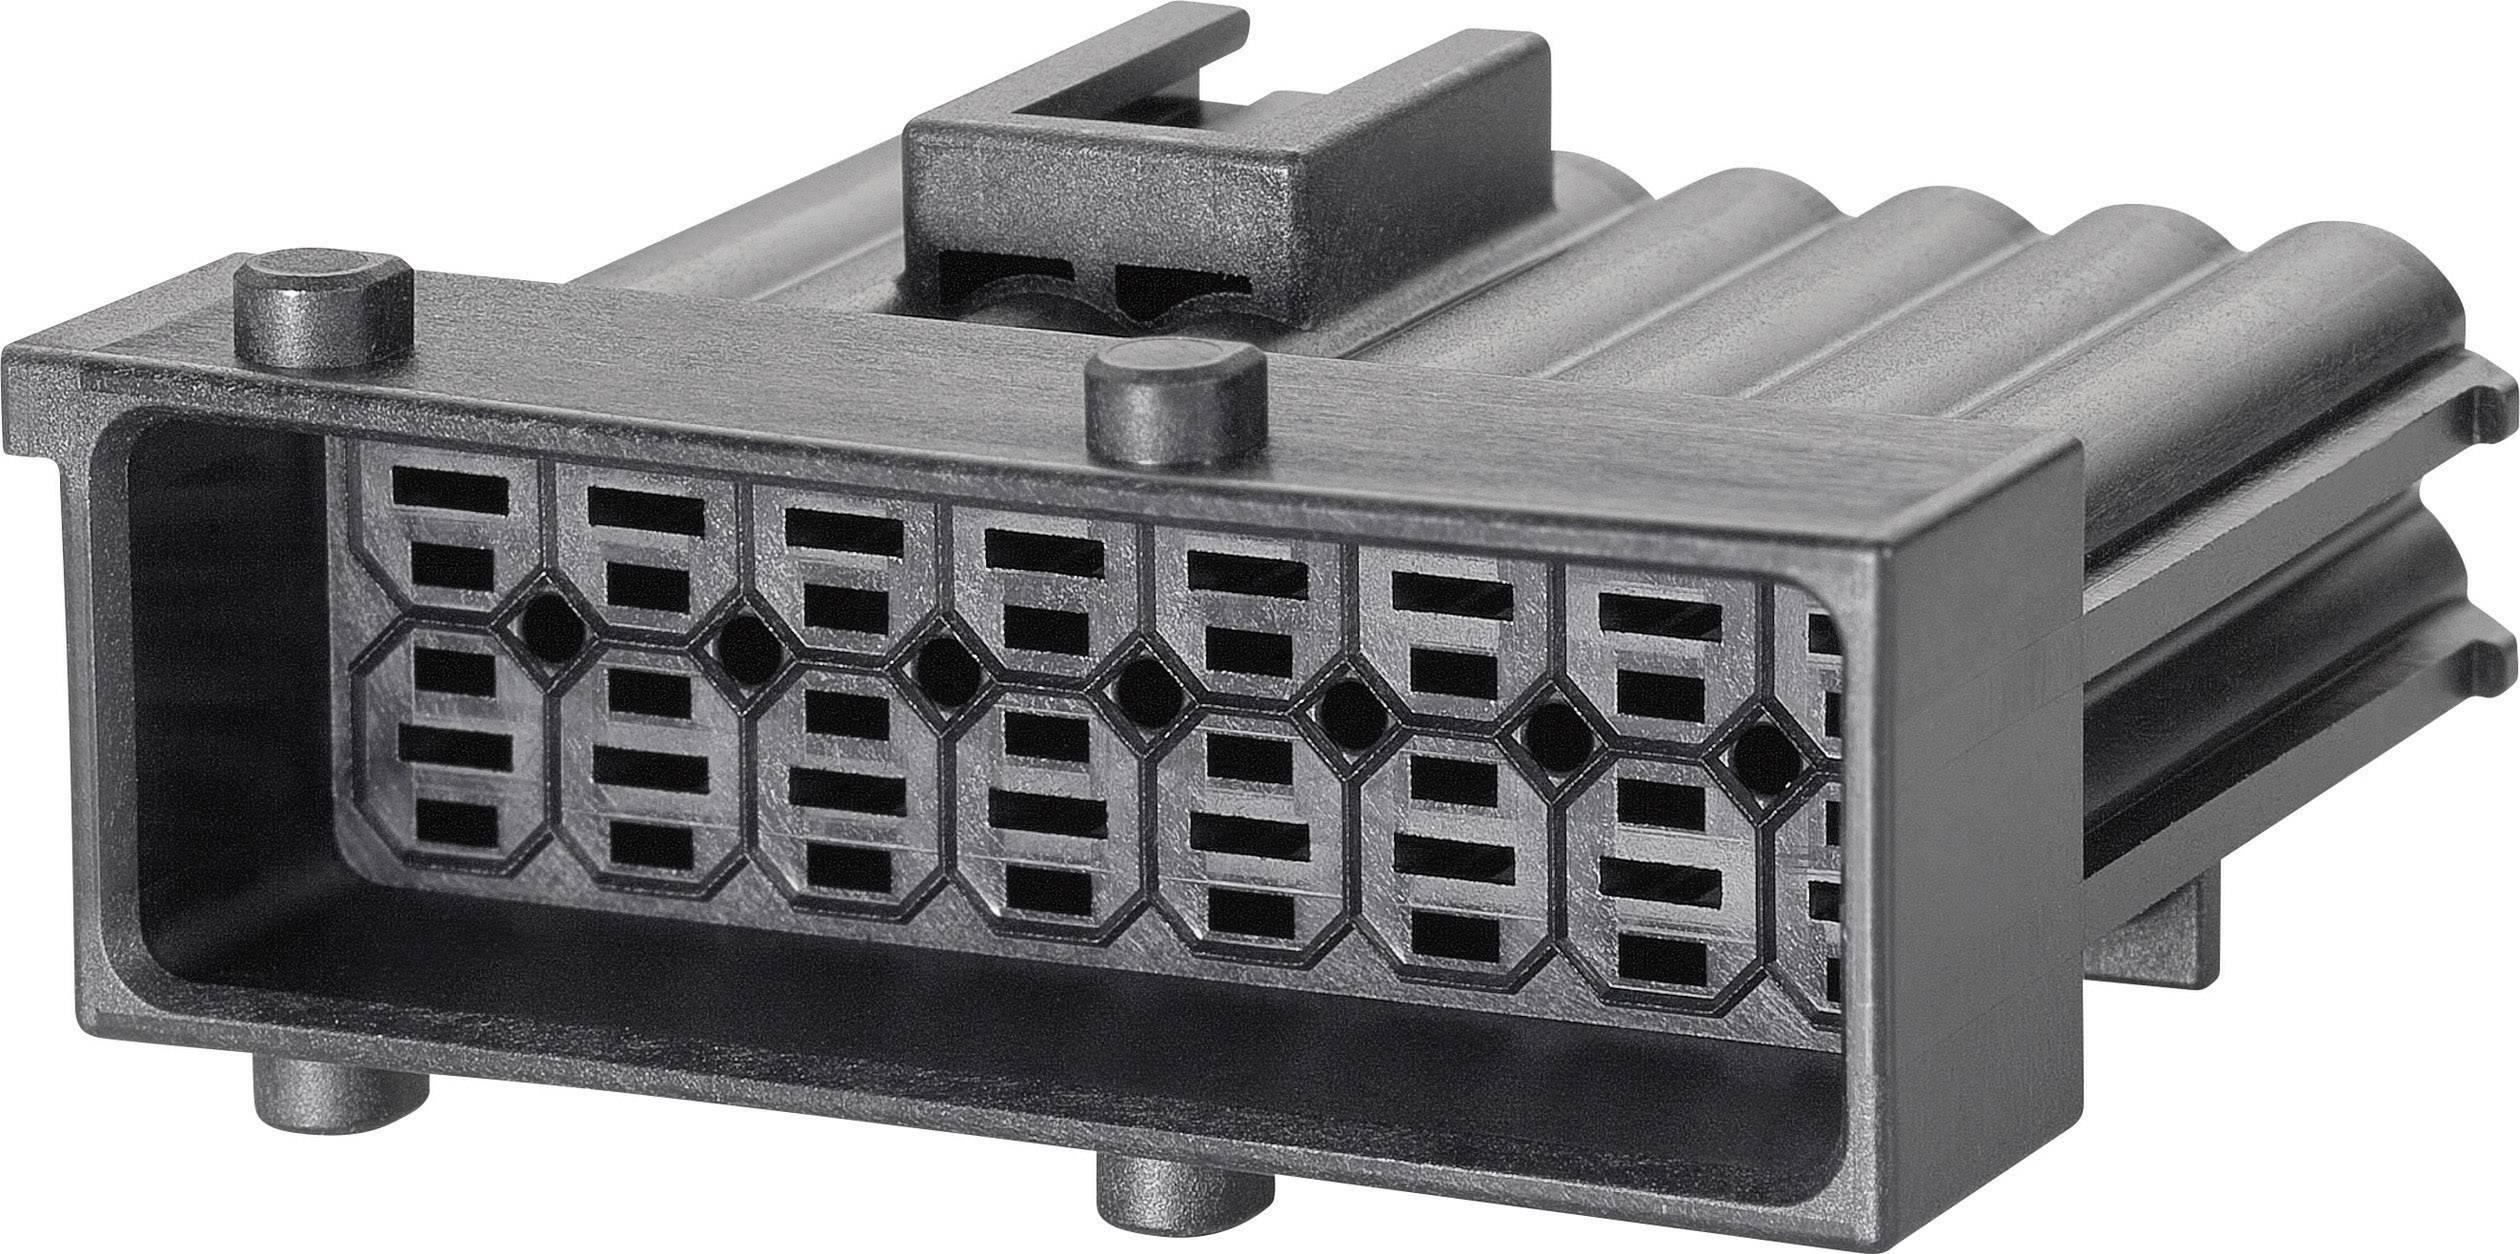 Zástrčkový konektor na kábel TE Connectivity J-P-T 1-964449-1, 45.8 mm, pólů 16, rozteč 5 mm, 1 ks